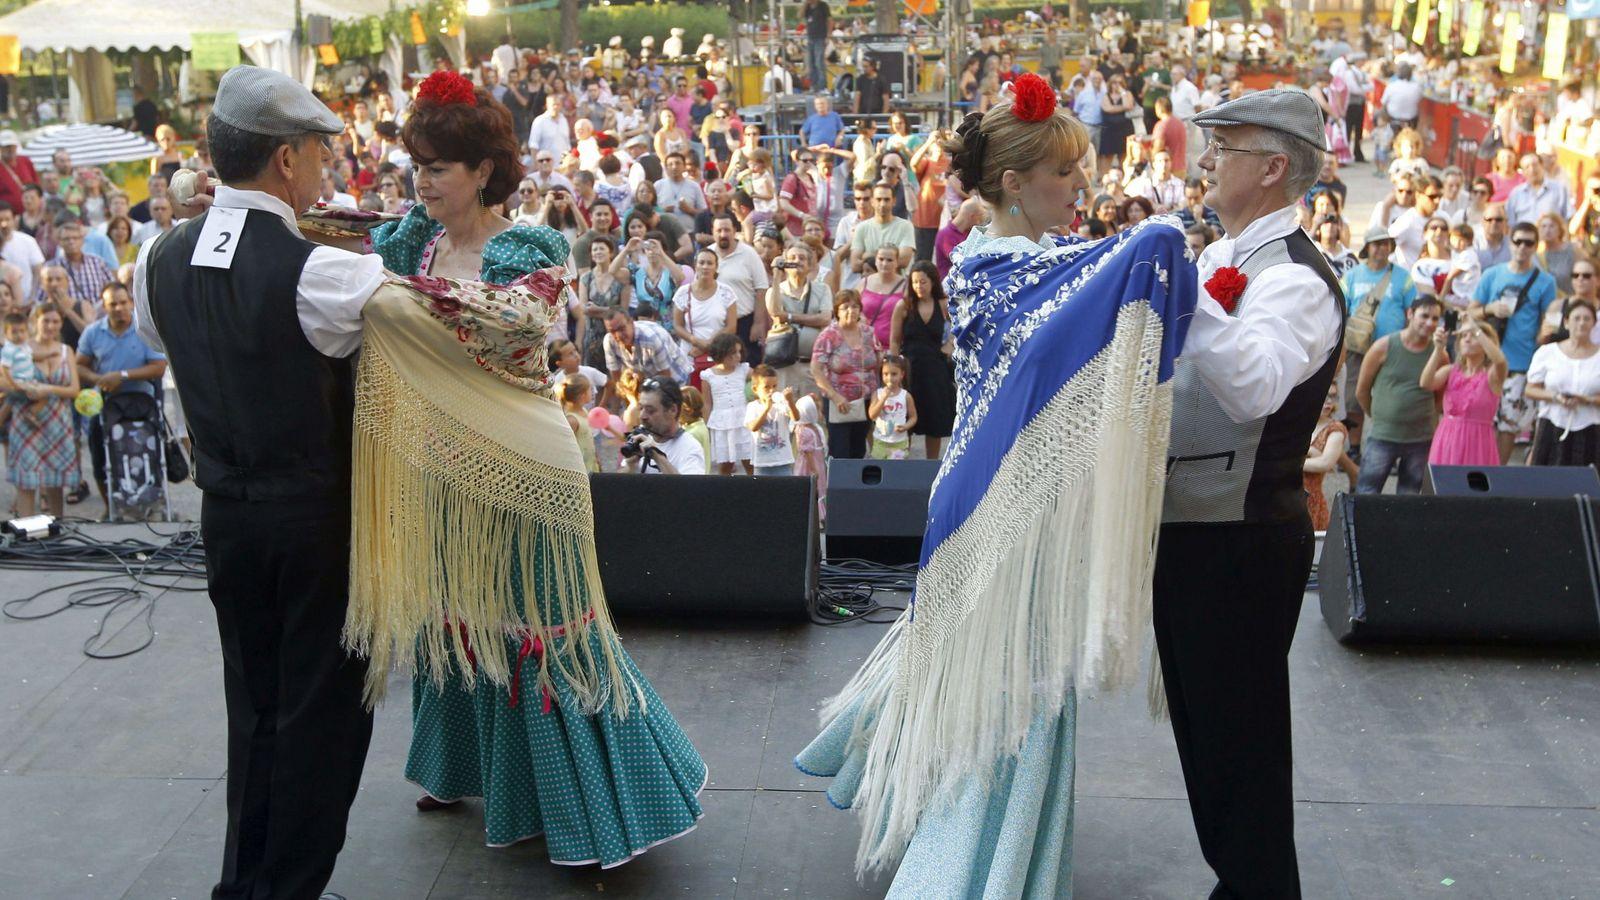 Foto: Concurso de chotis en las fiestas de la Paloma. (EFE)